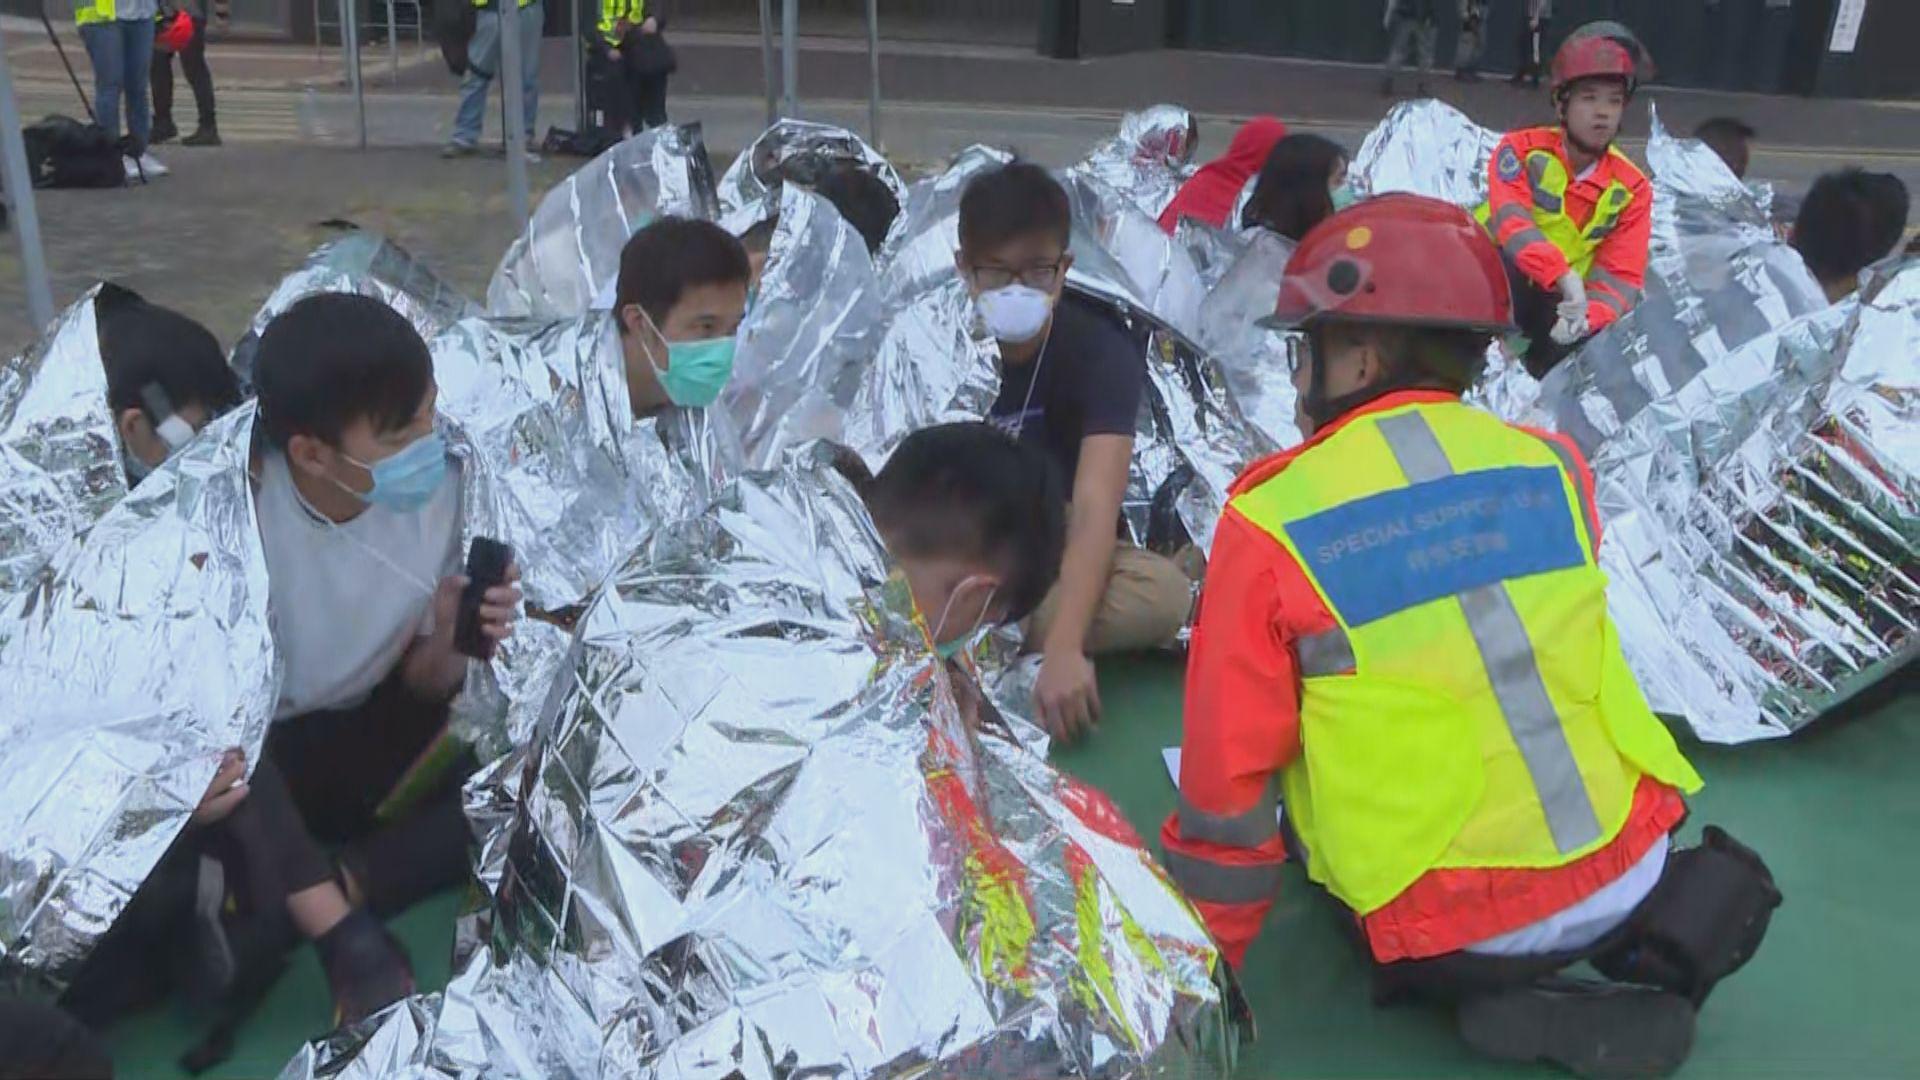 理大內示威者:憂被捕後受武力對待跳渠離開